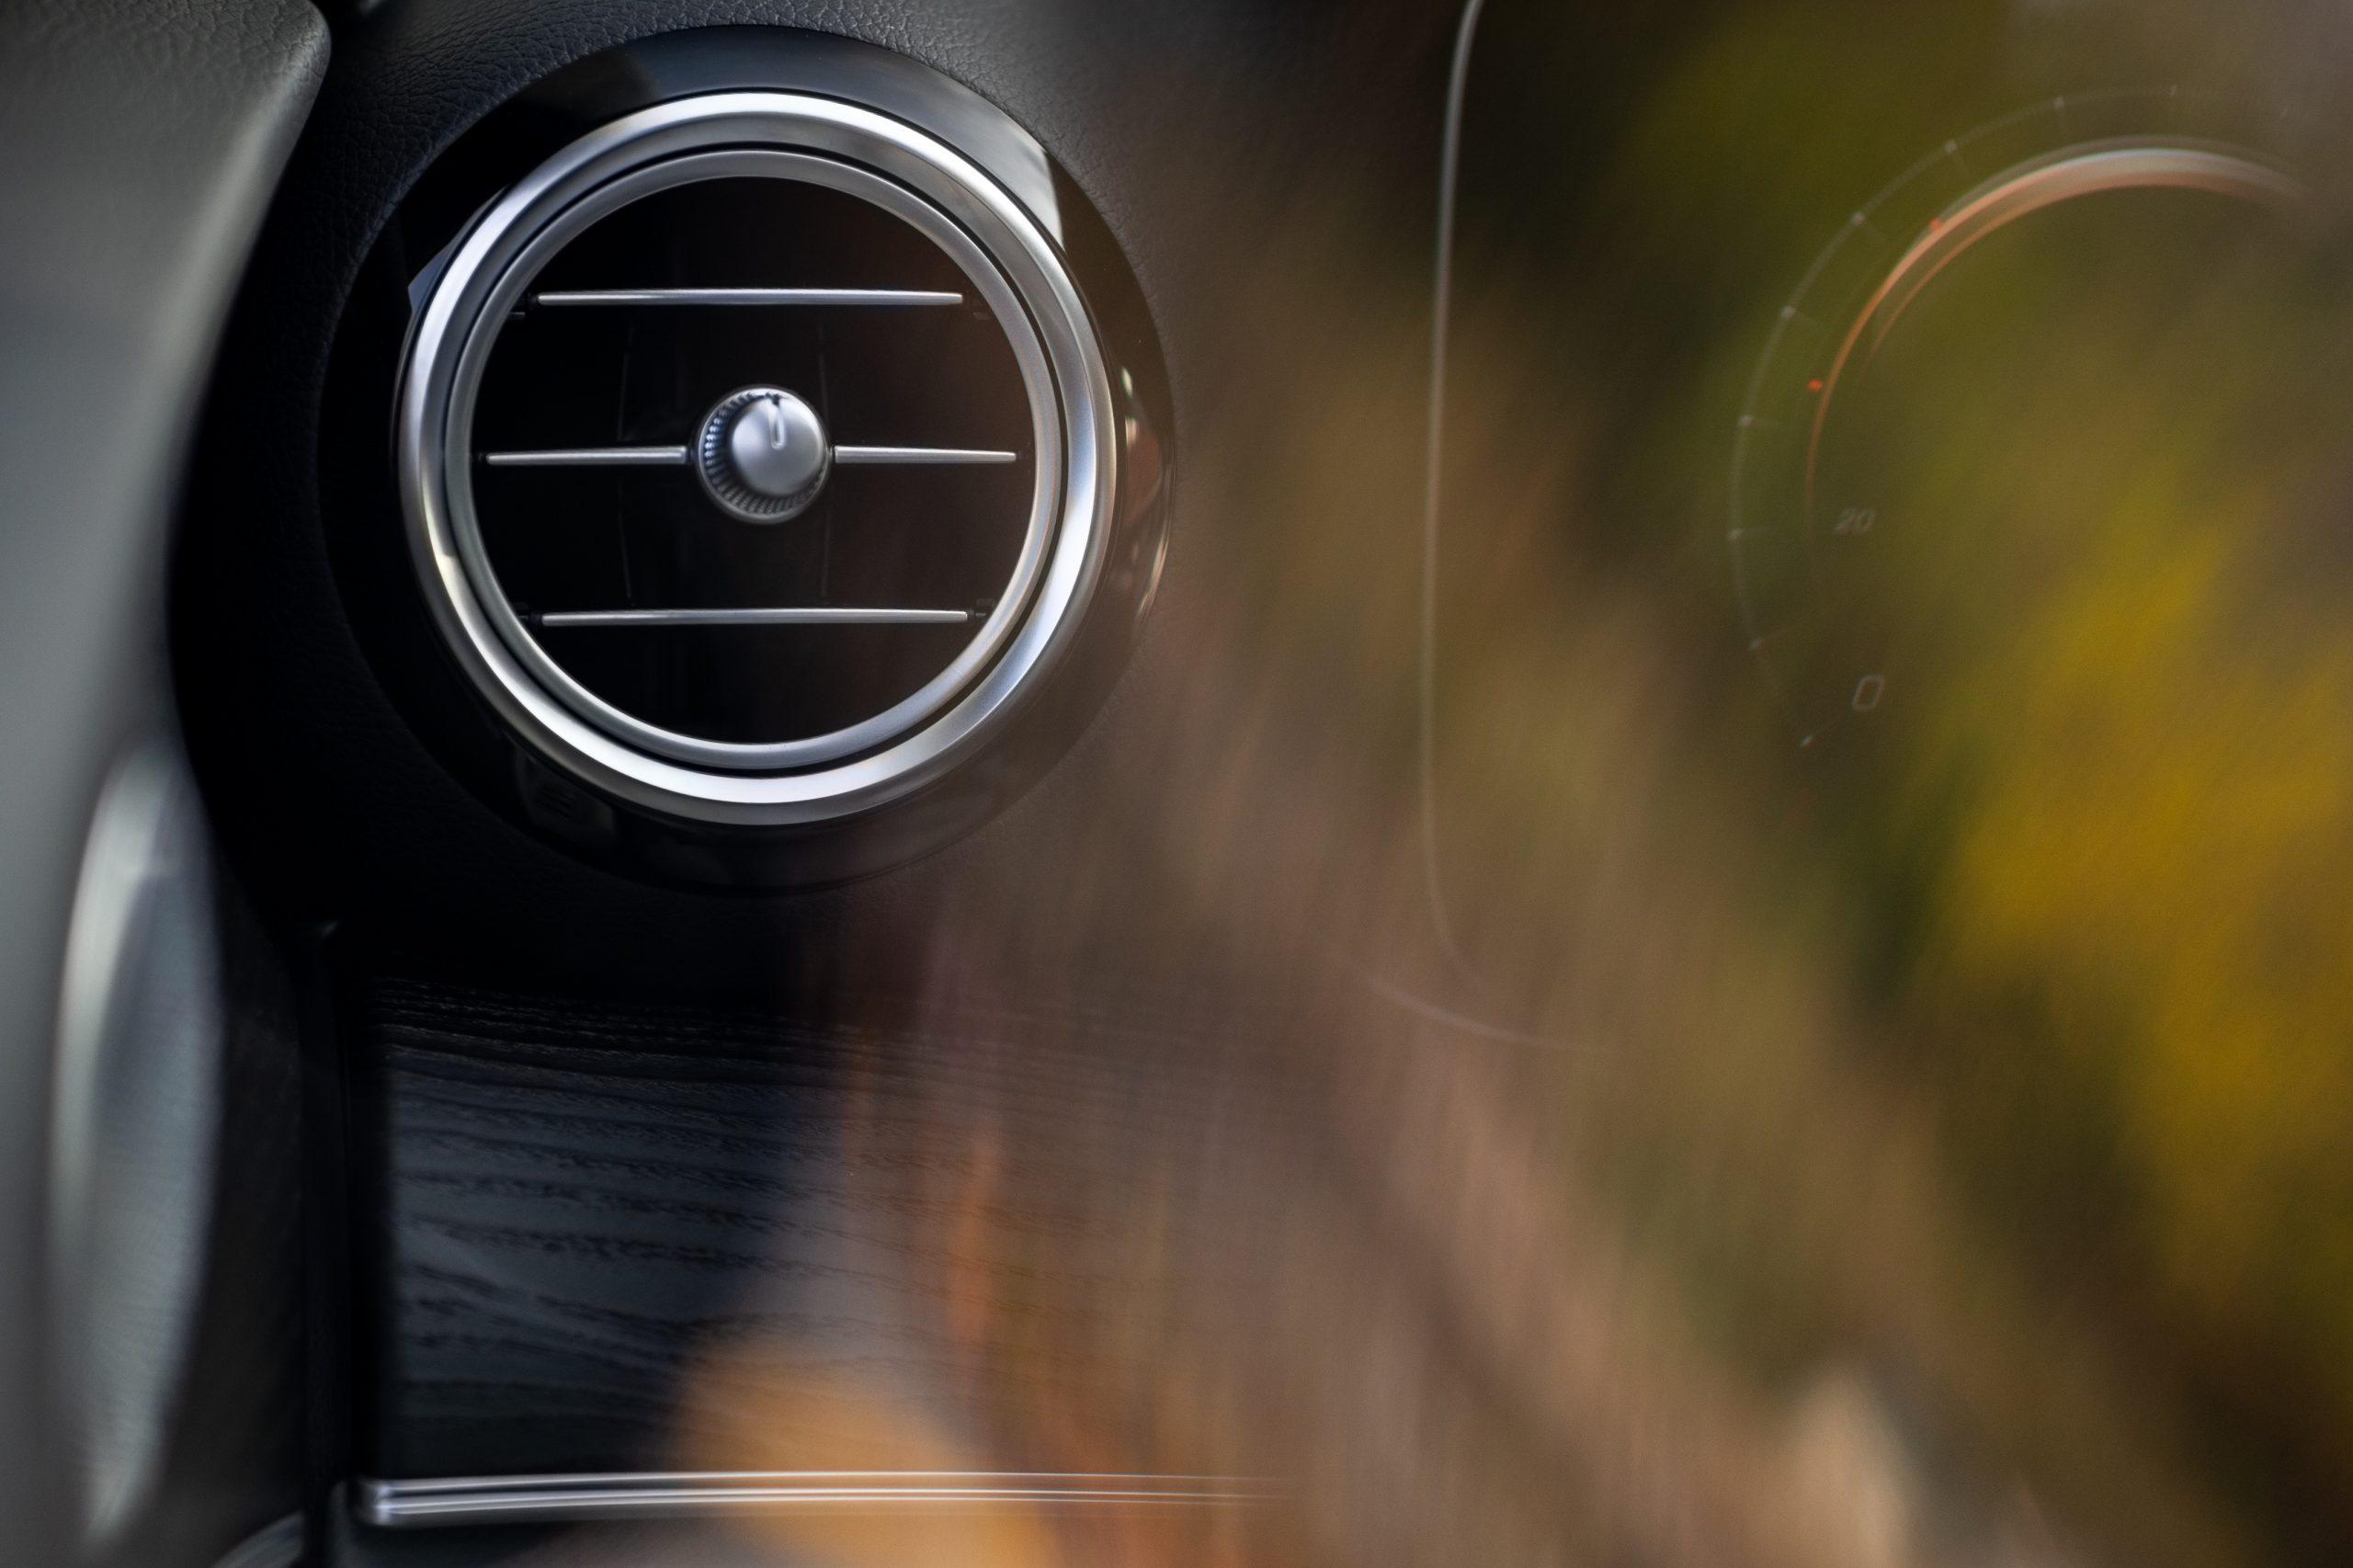 2021 Mercedes Benz E 450 4MATIC air vent